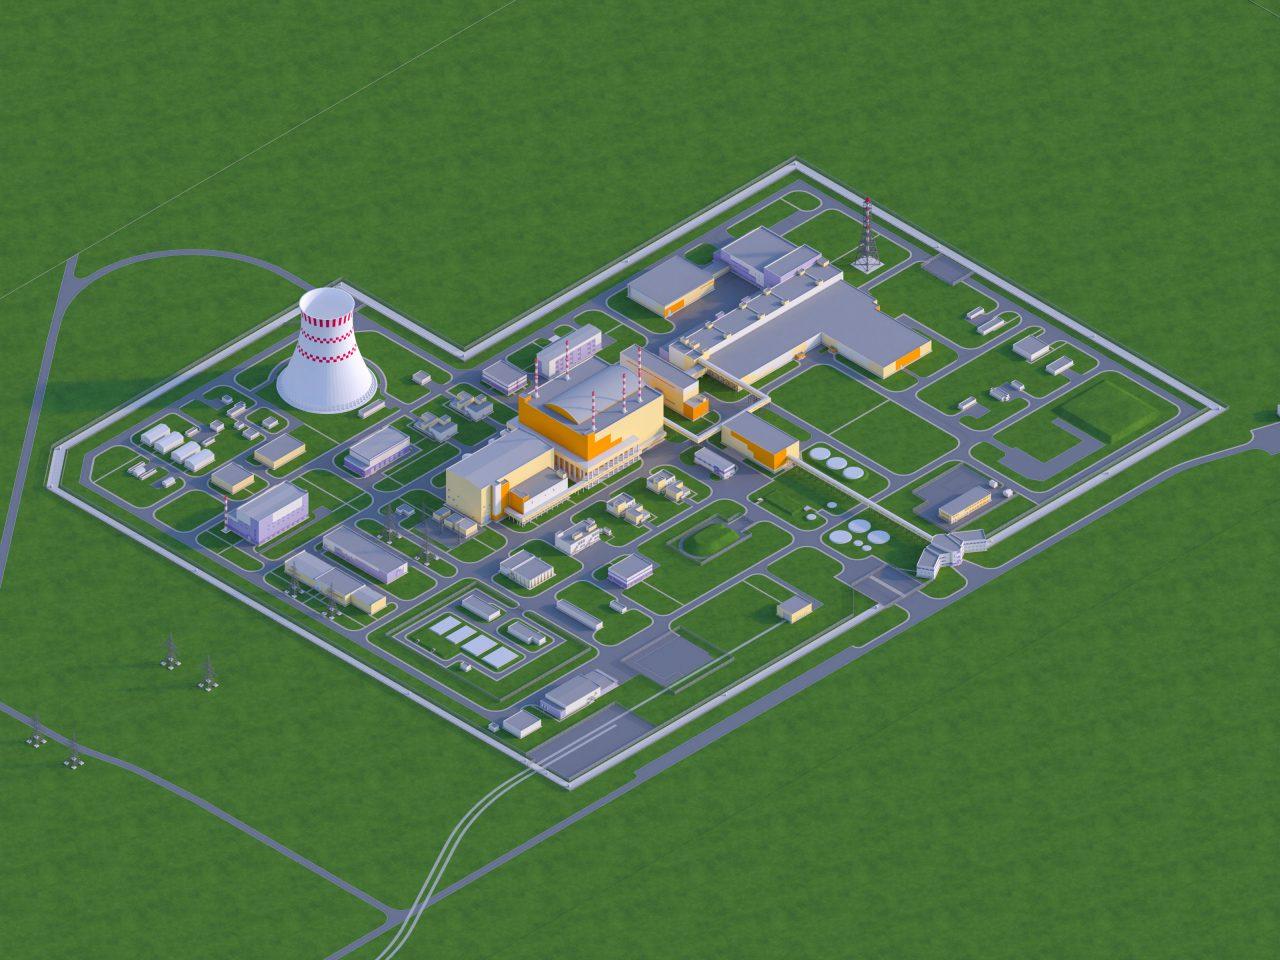 В Росатоме приступили к монтажу оборудования на строящемся в Северске энергокомплексе по проекту «Прорыв»